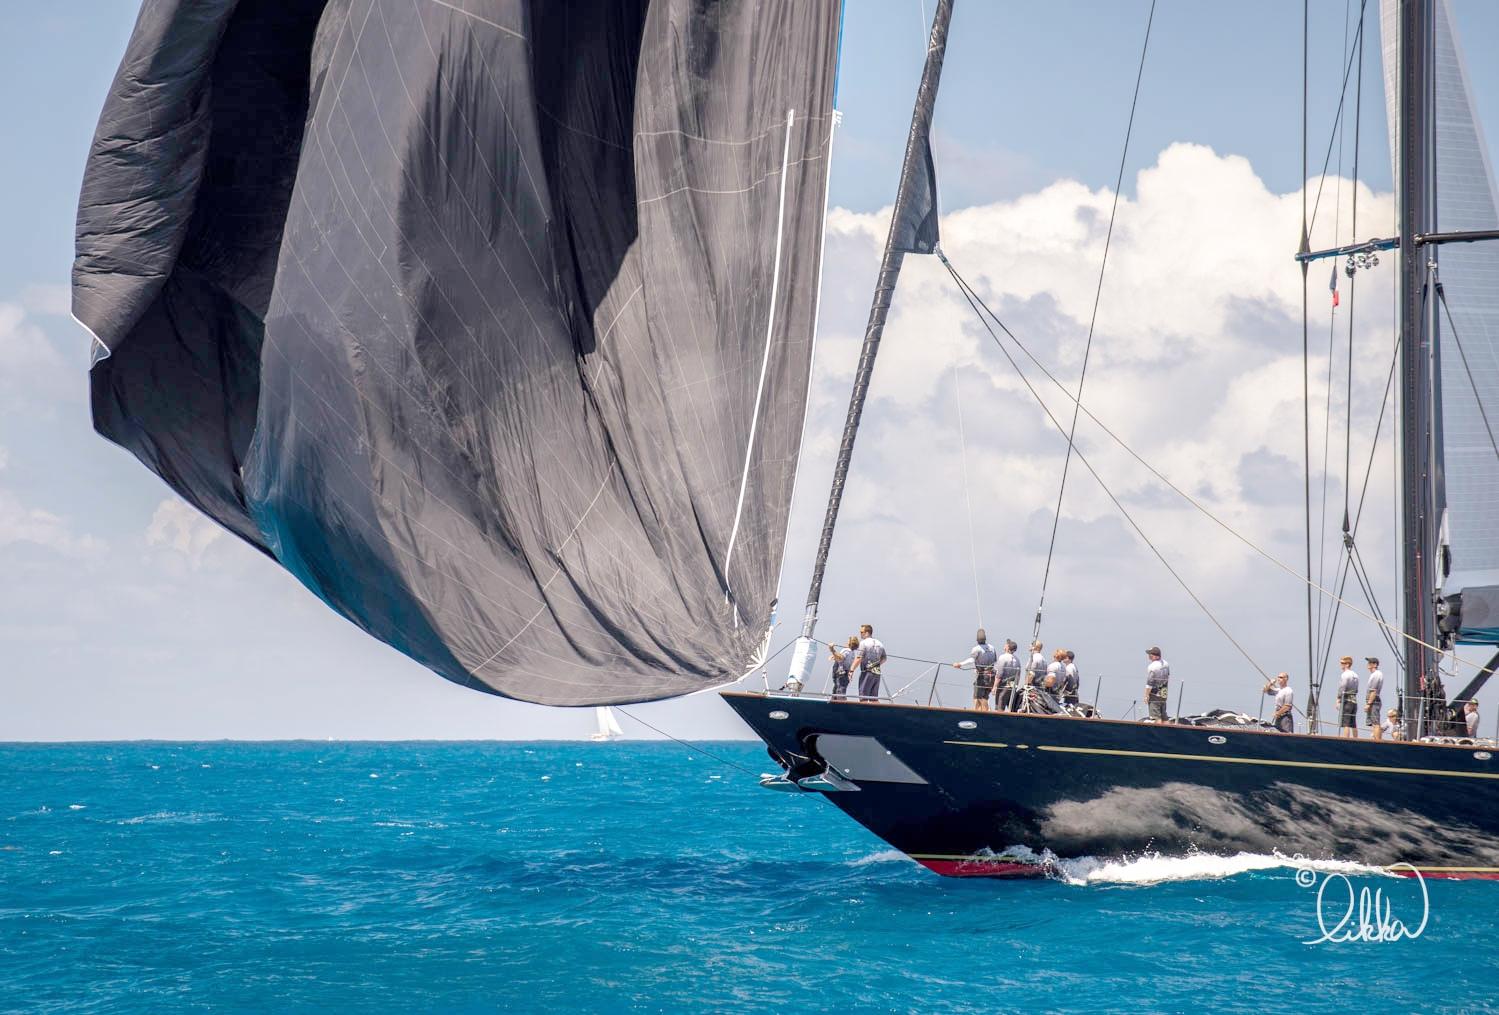 regatta-likka-168.jpg